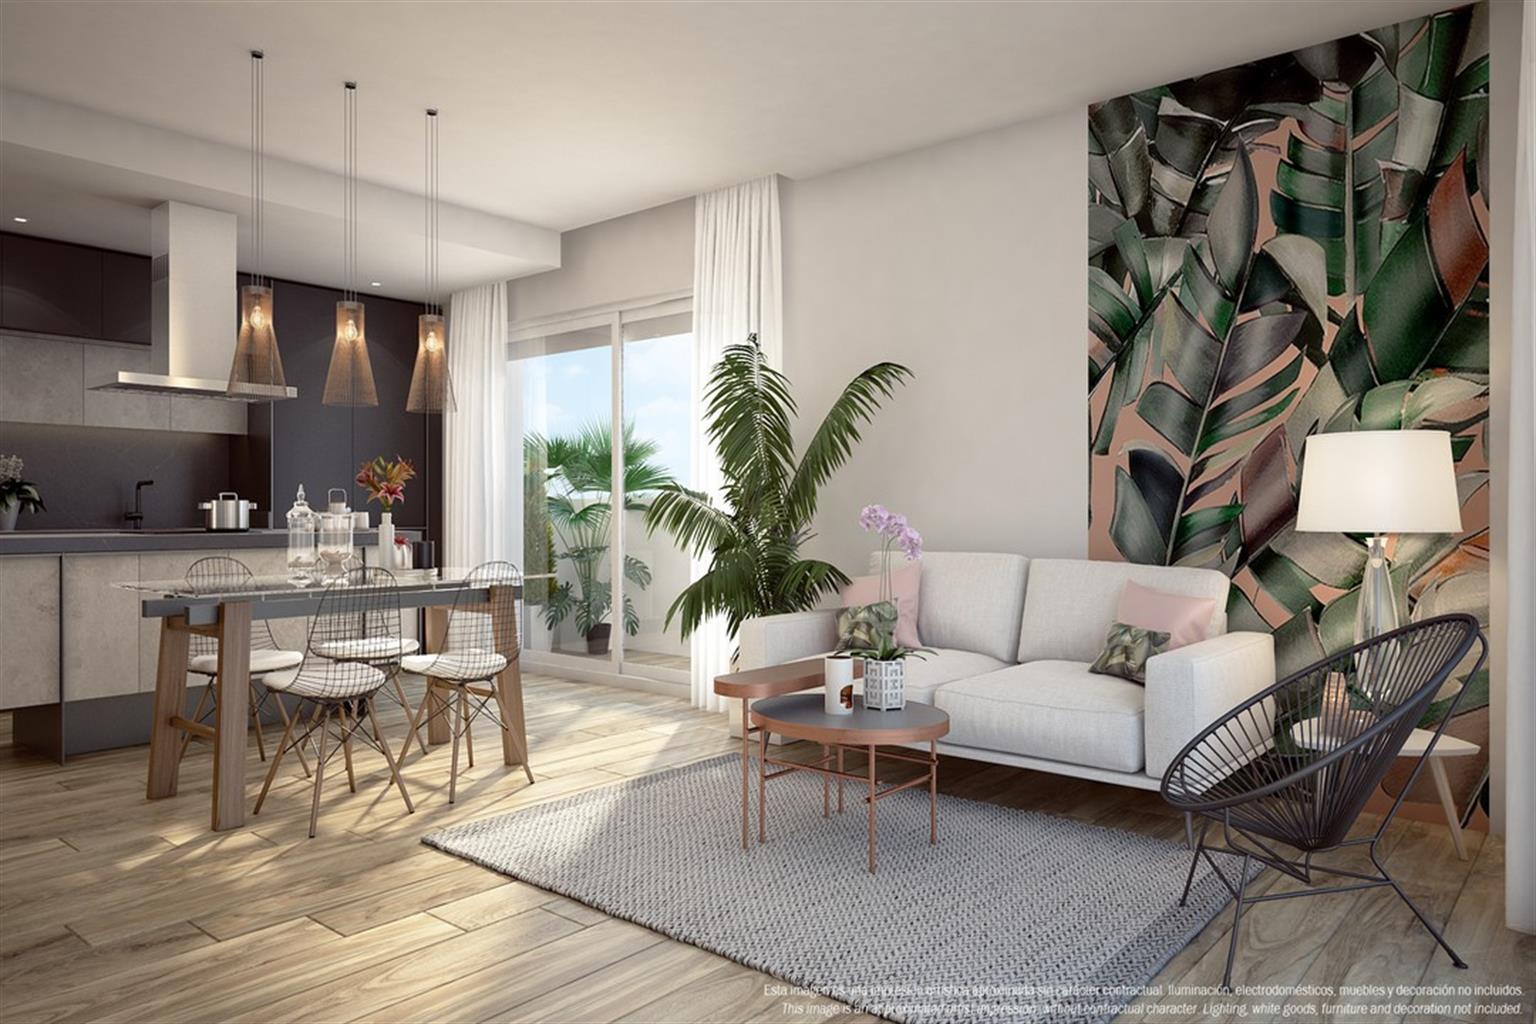 Appartement - Punta prima  - #4230209-37